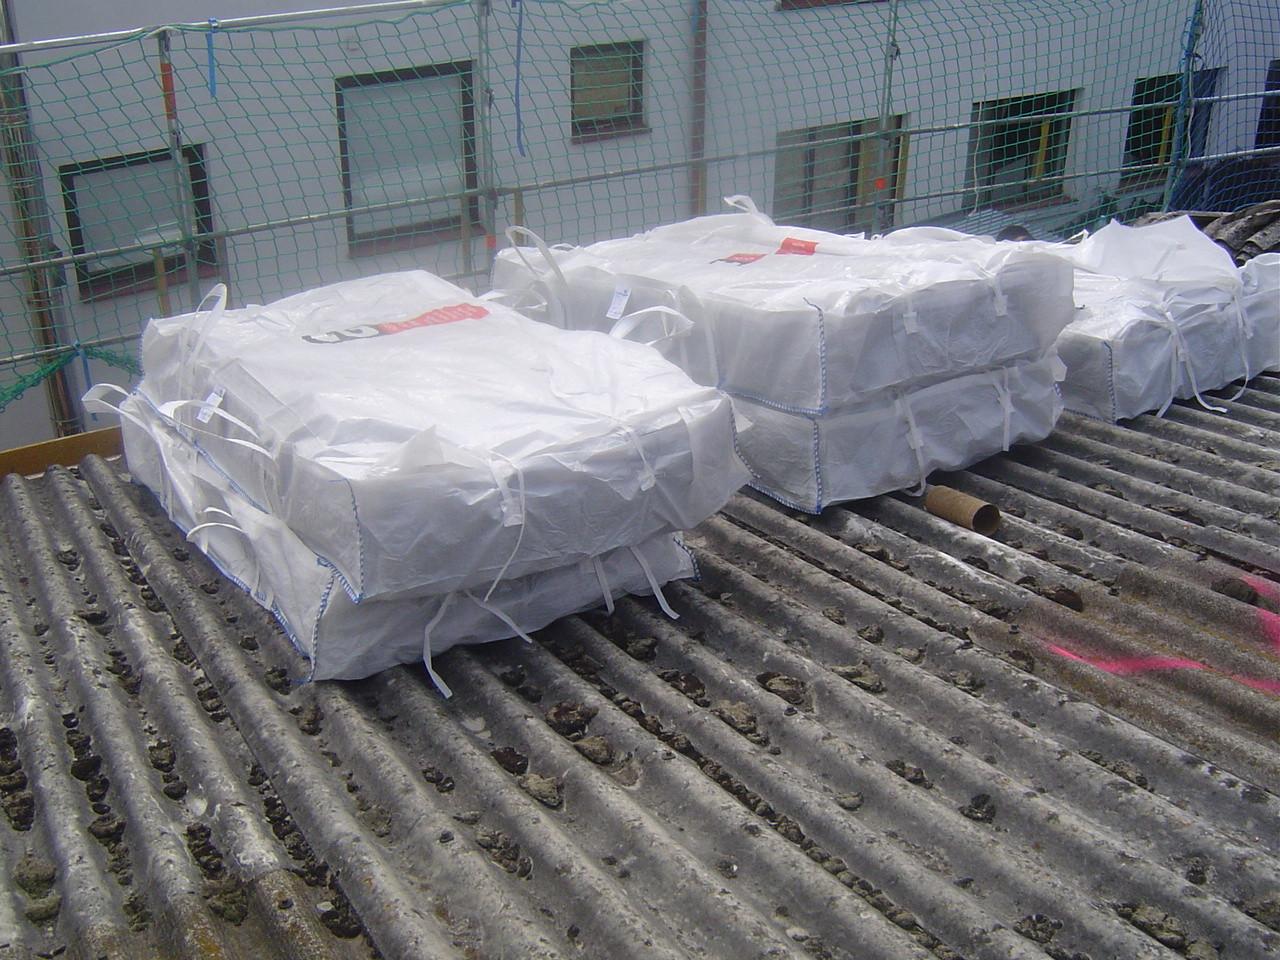 LINDENTHAL Umweltdienstleistungen: Bereitstellung asbesthaltiger Welleternitplatten (verpackt in Big-Bags) zur Entsorgung